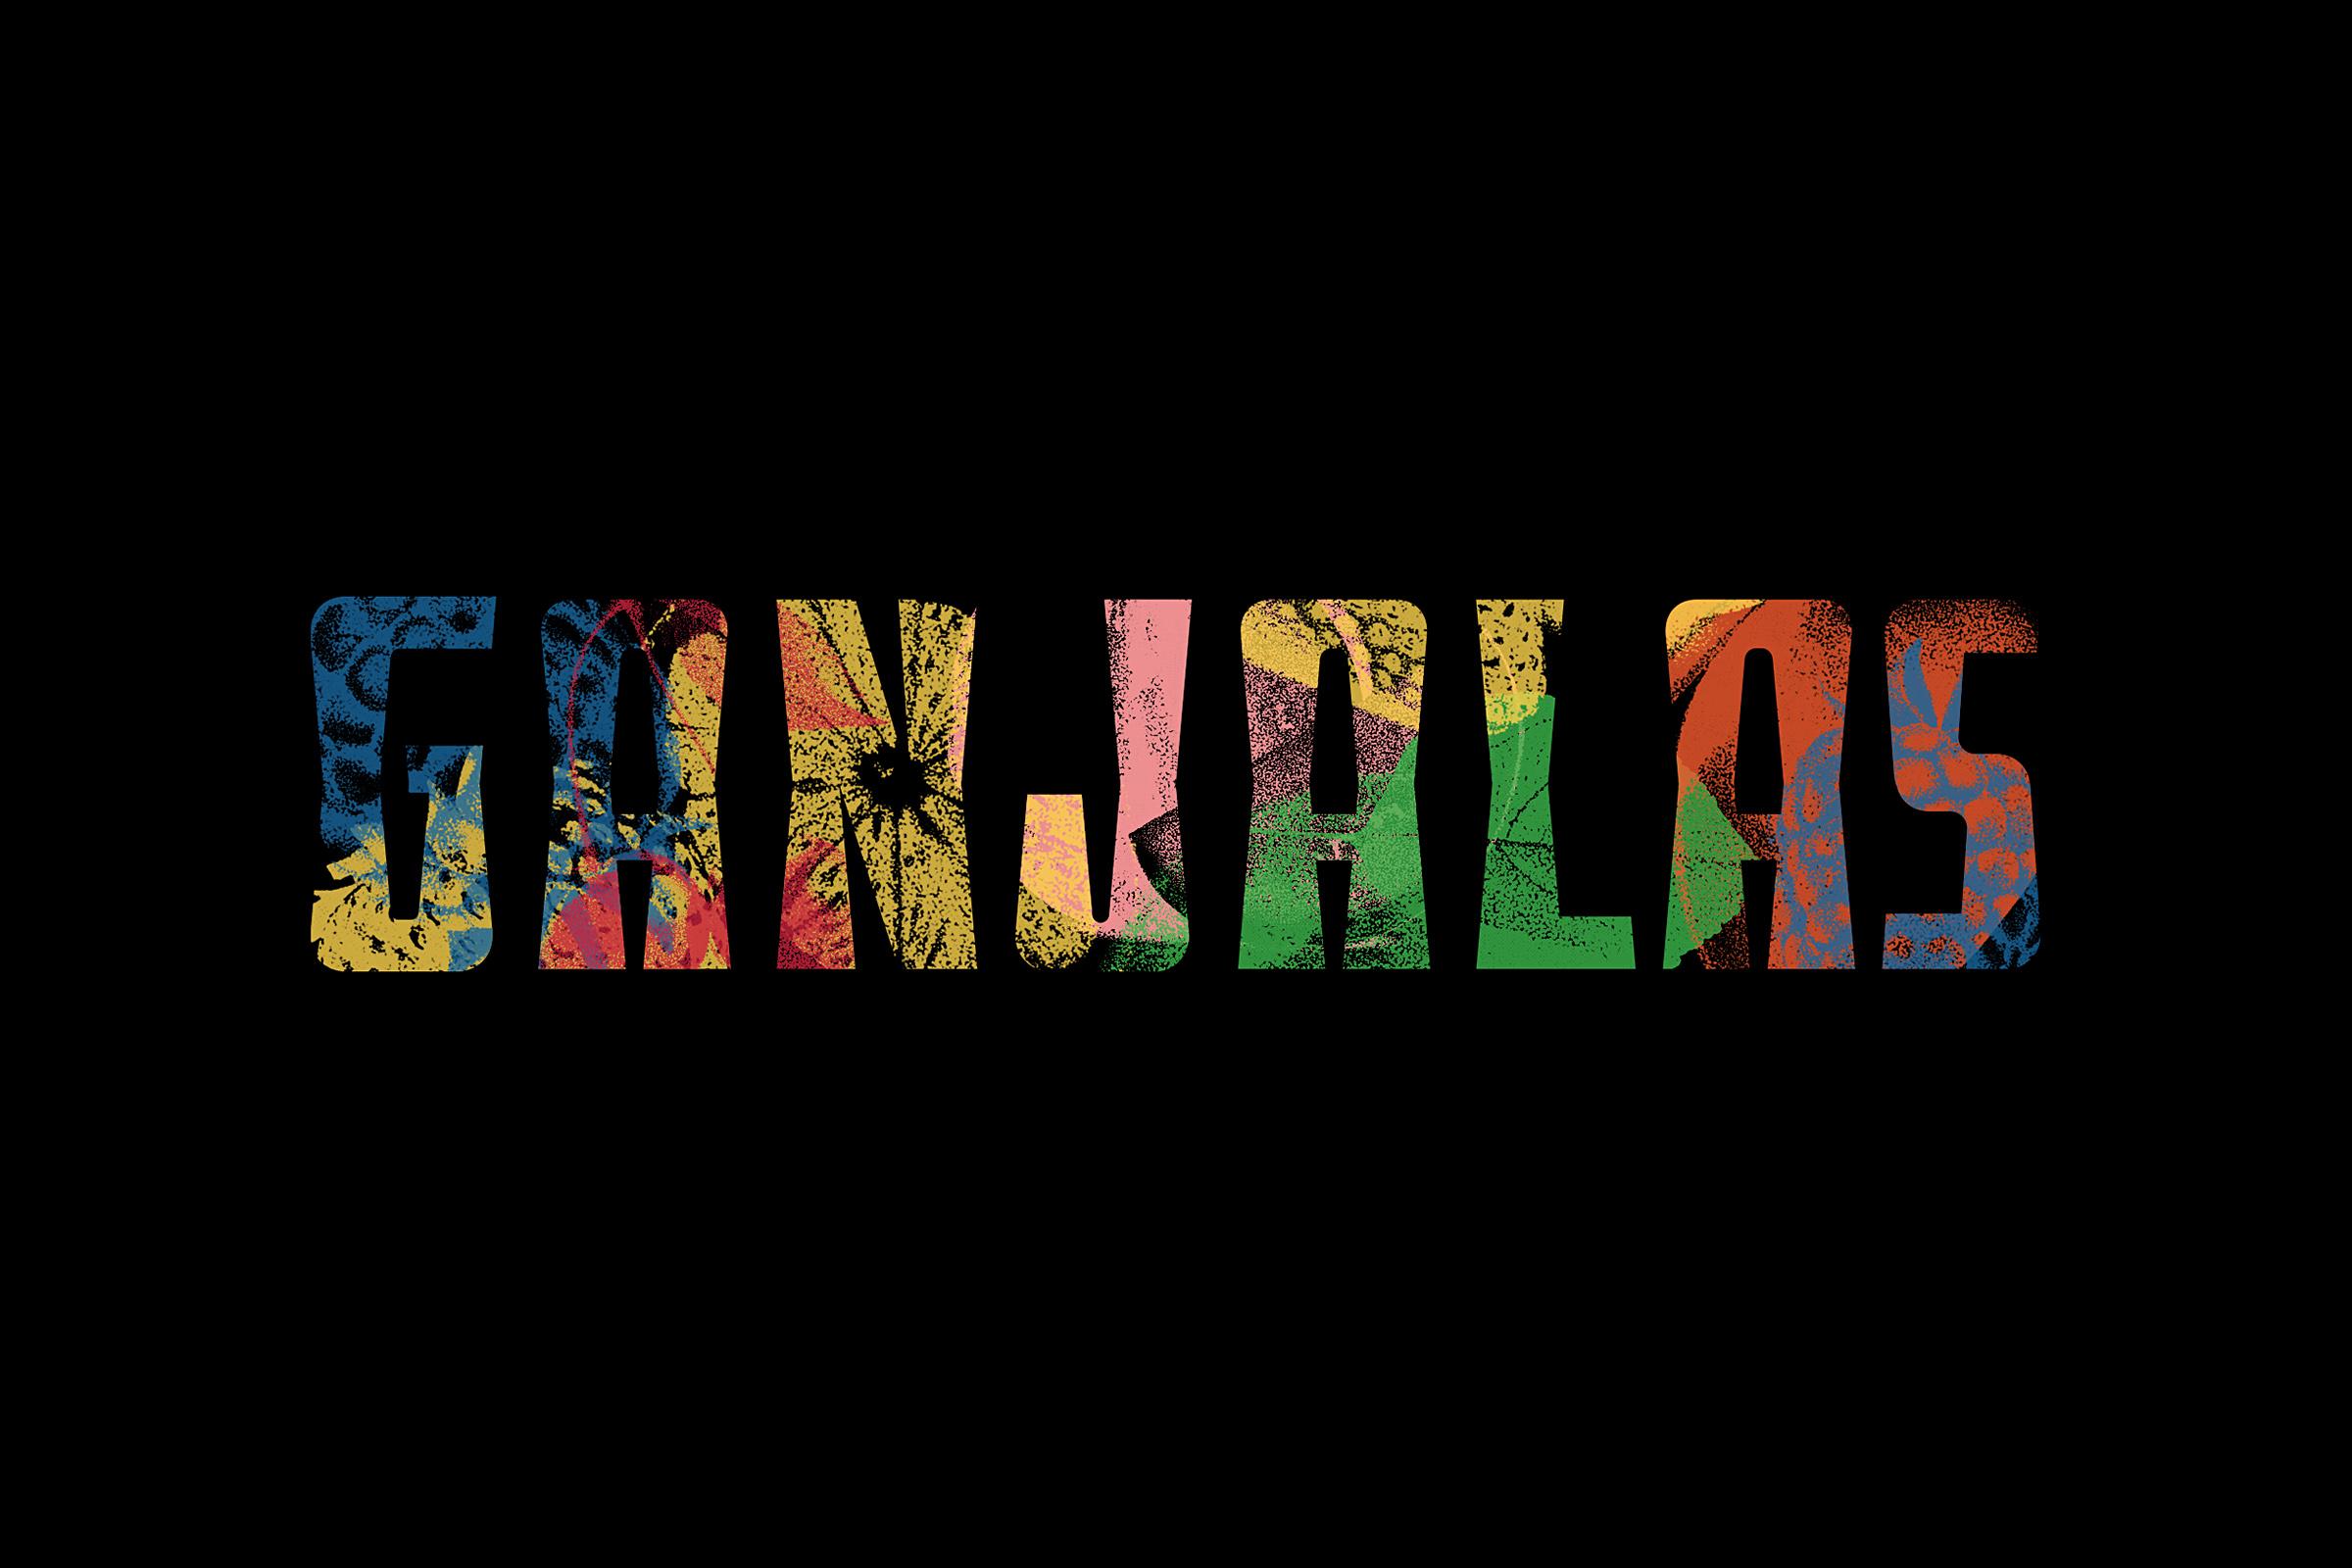 ganjalas_jungletype